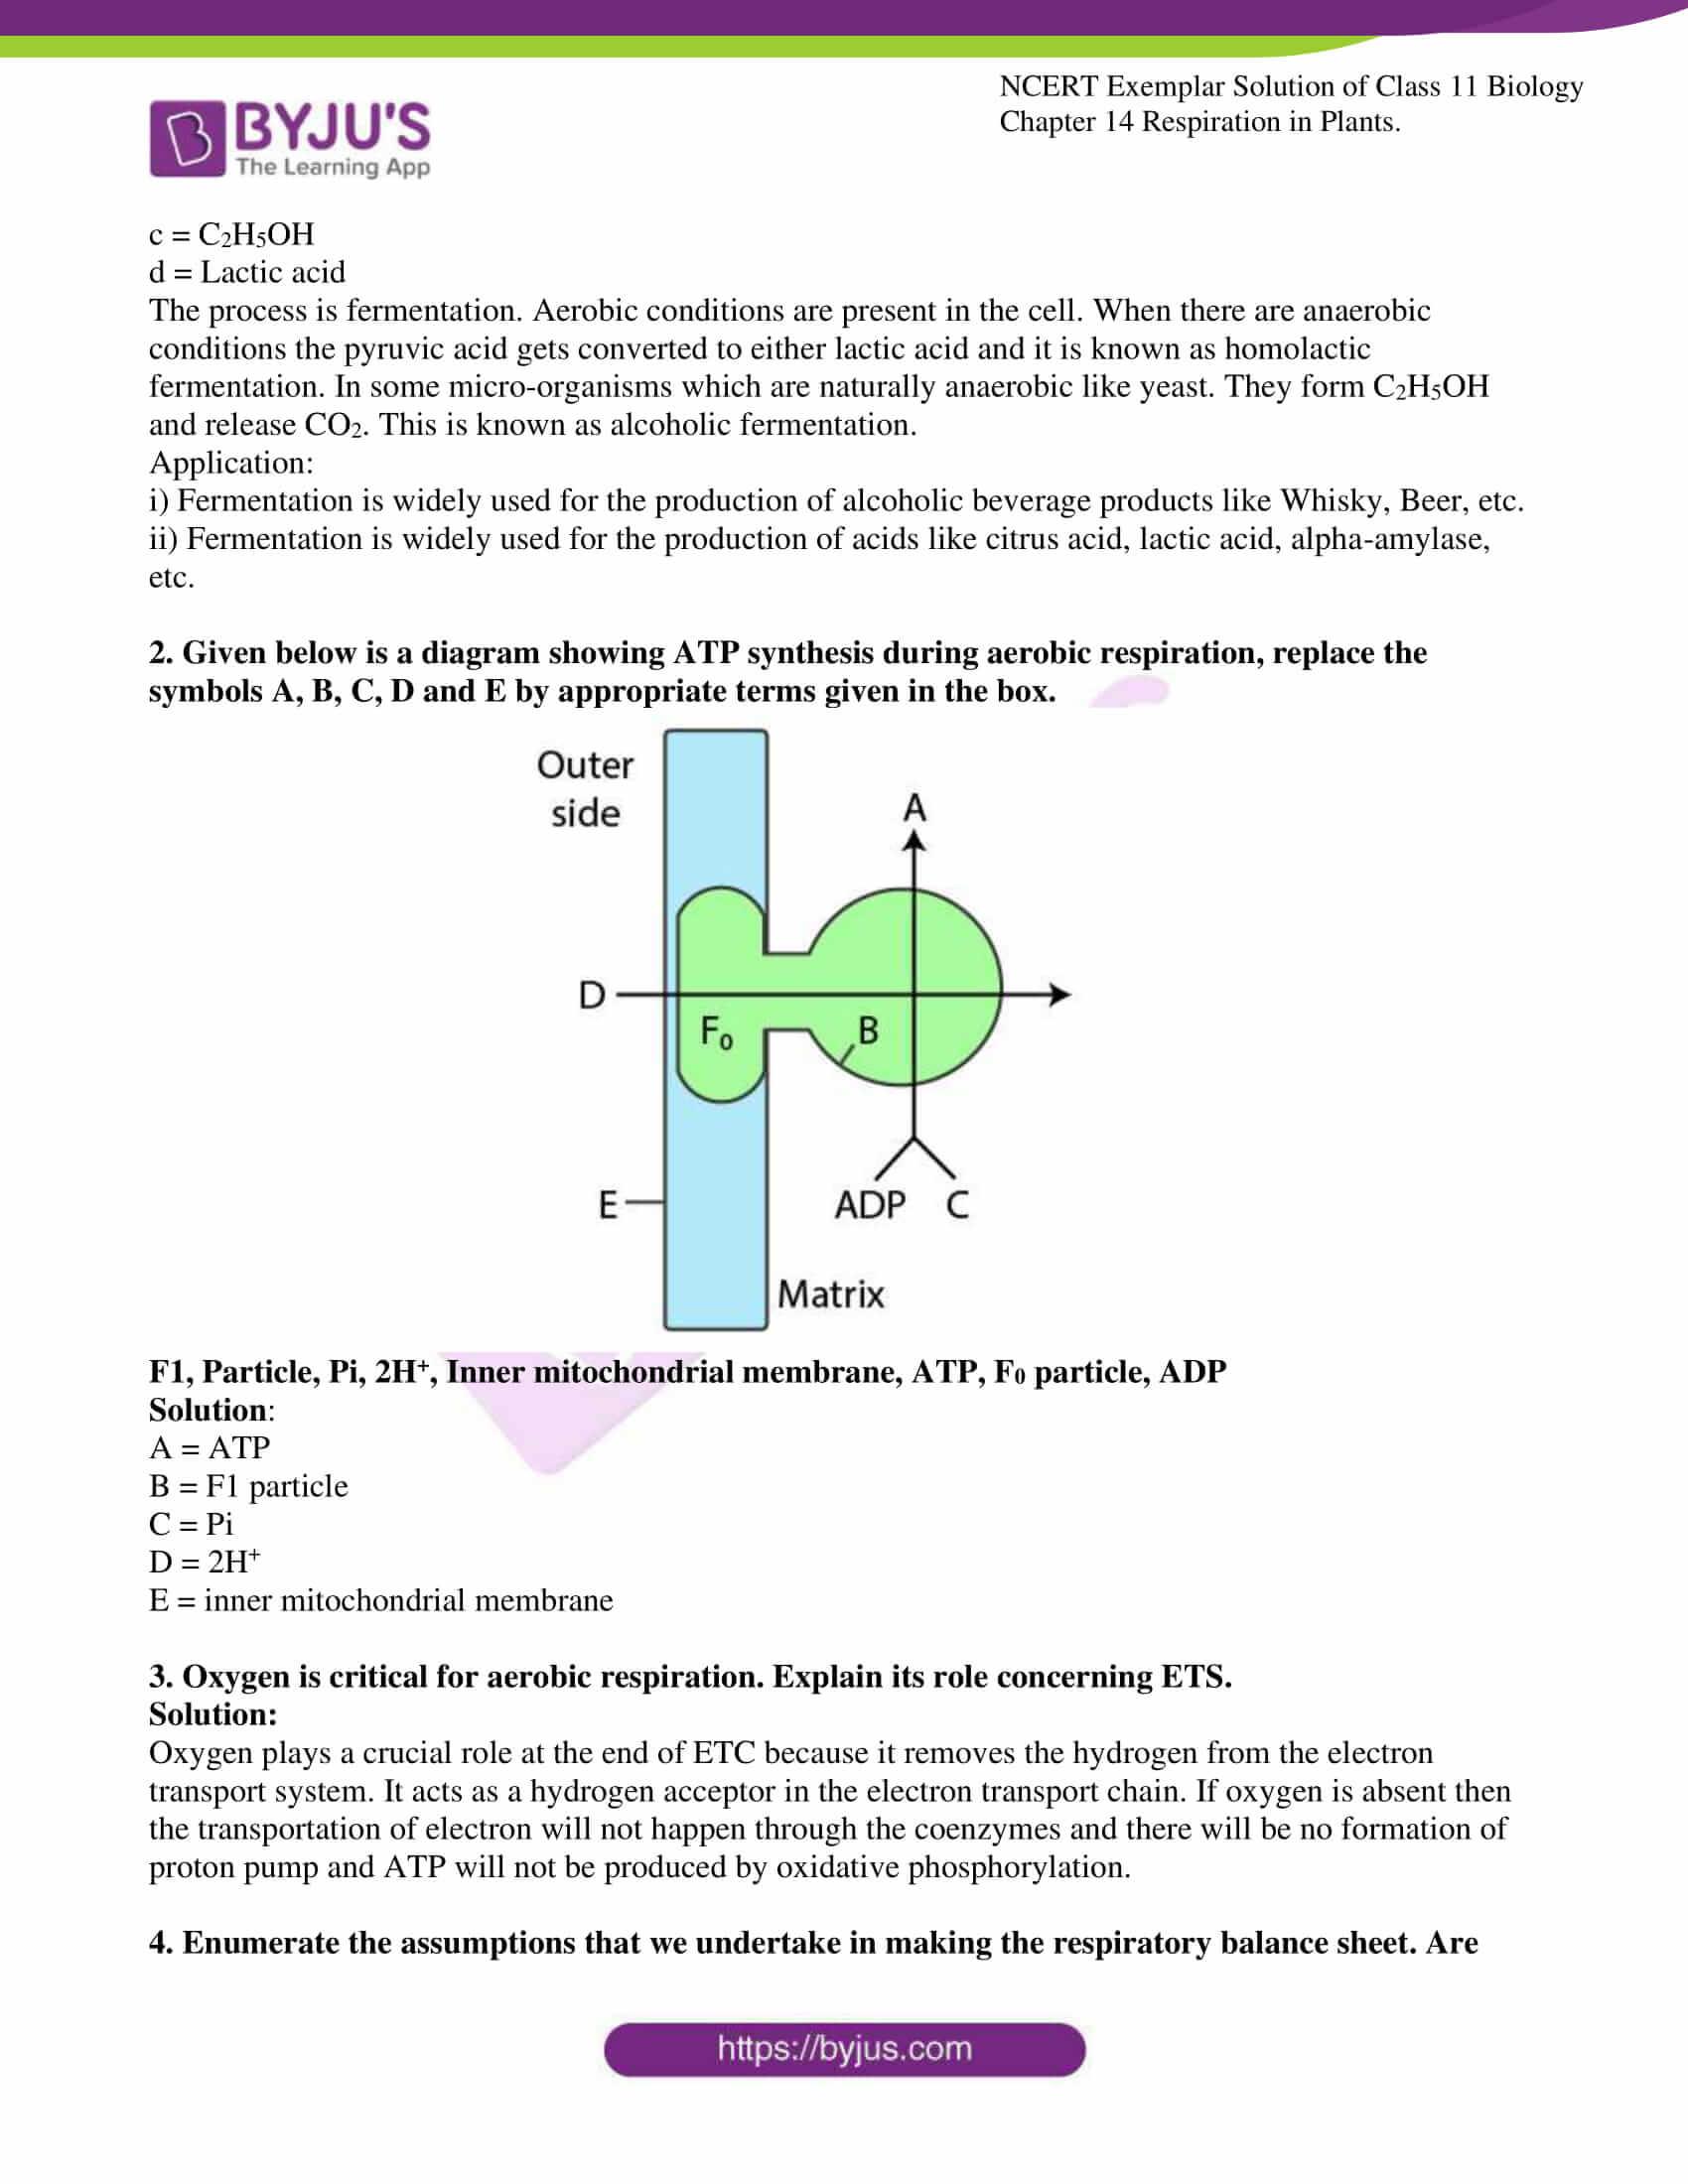 ncert exemplar solutions class 11 biology chapter 14 11